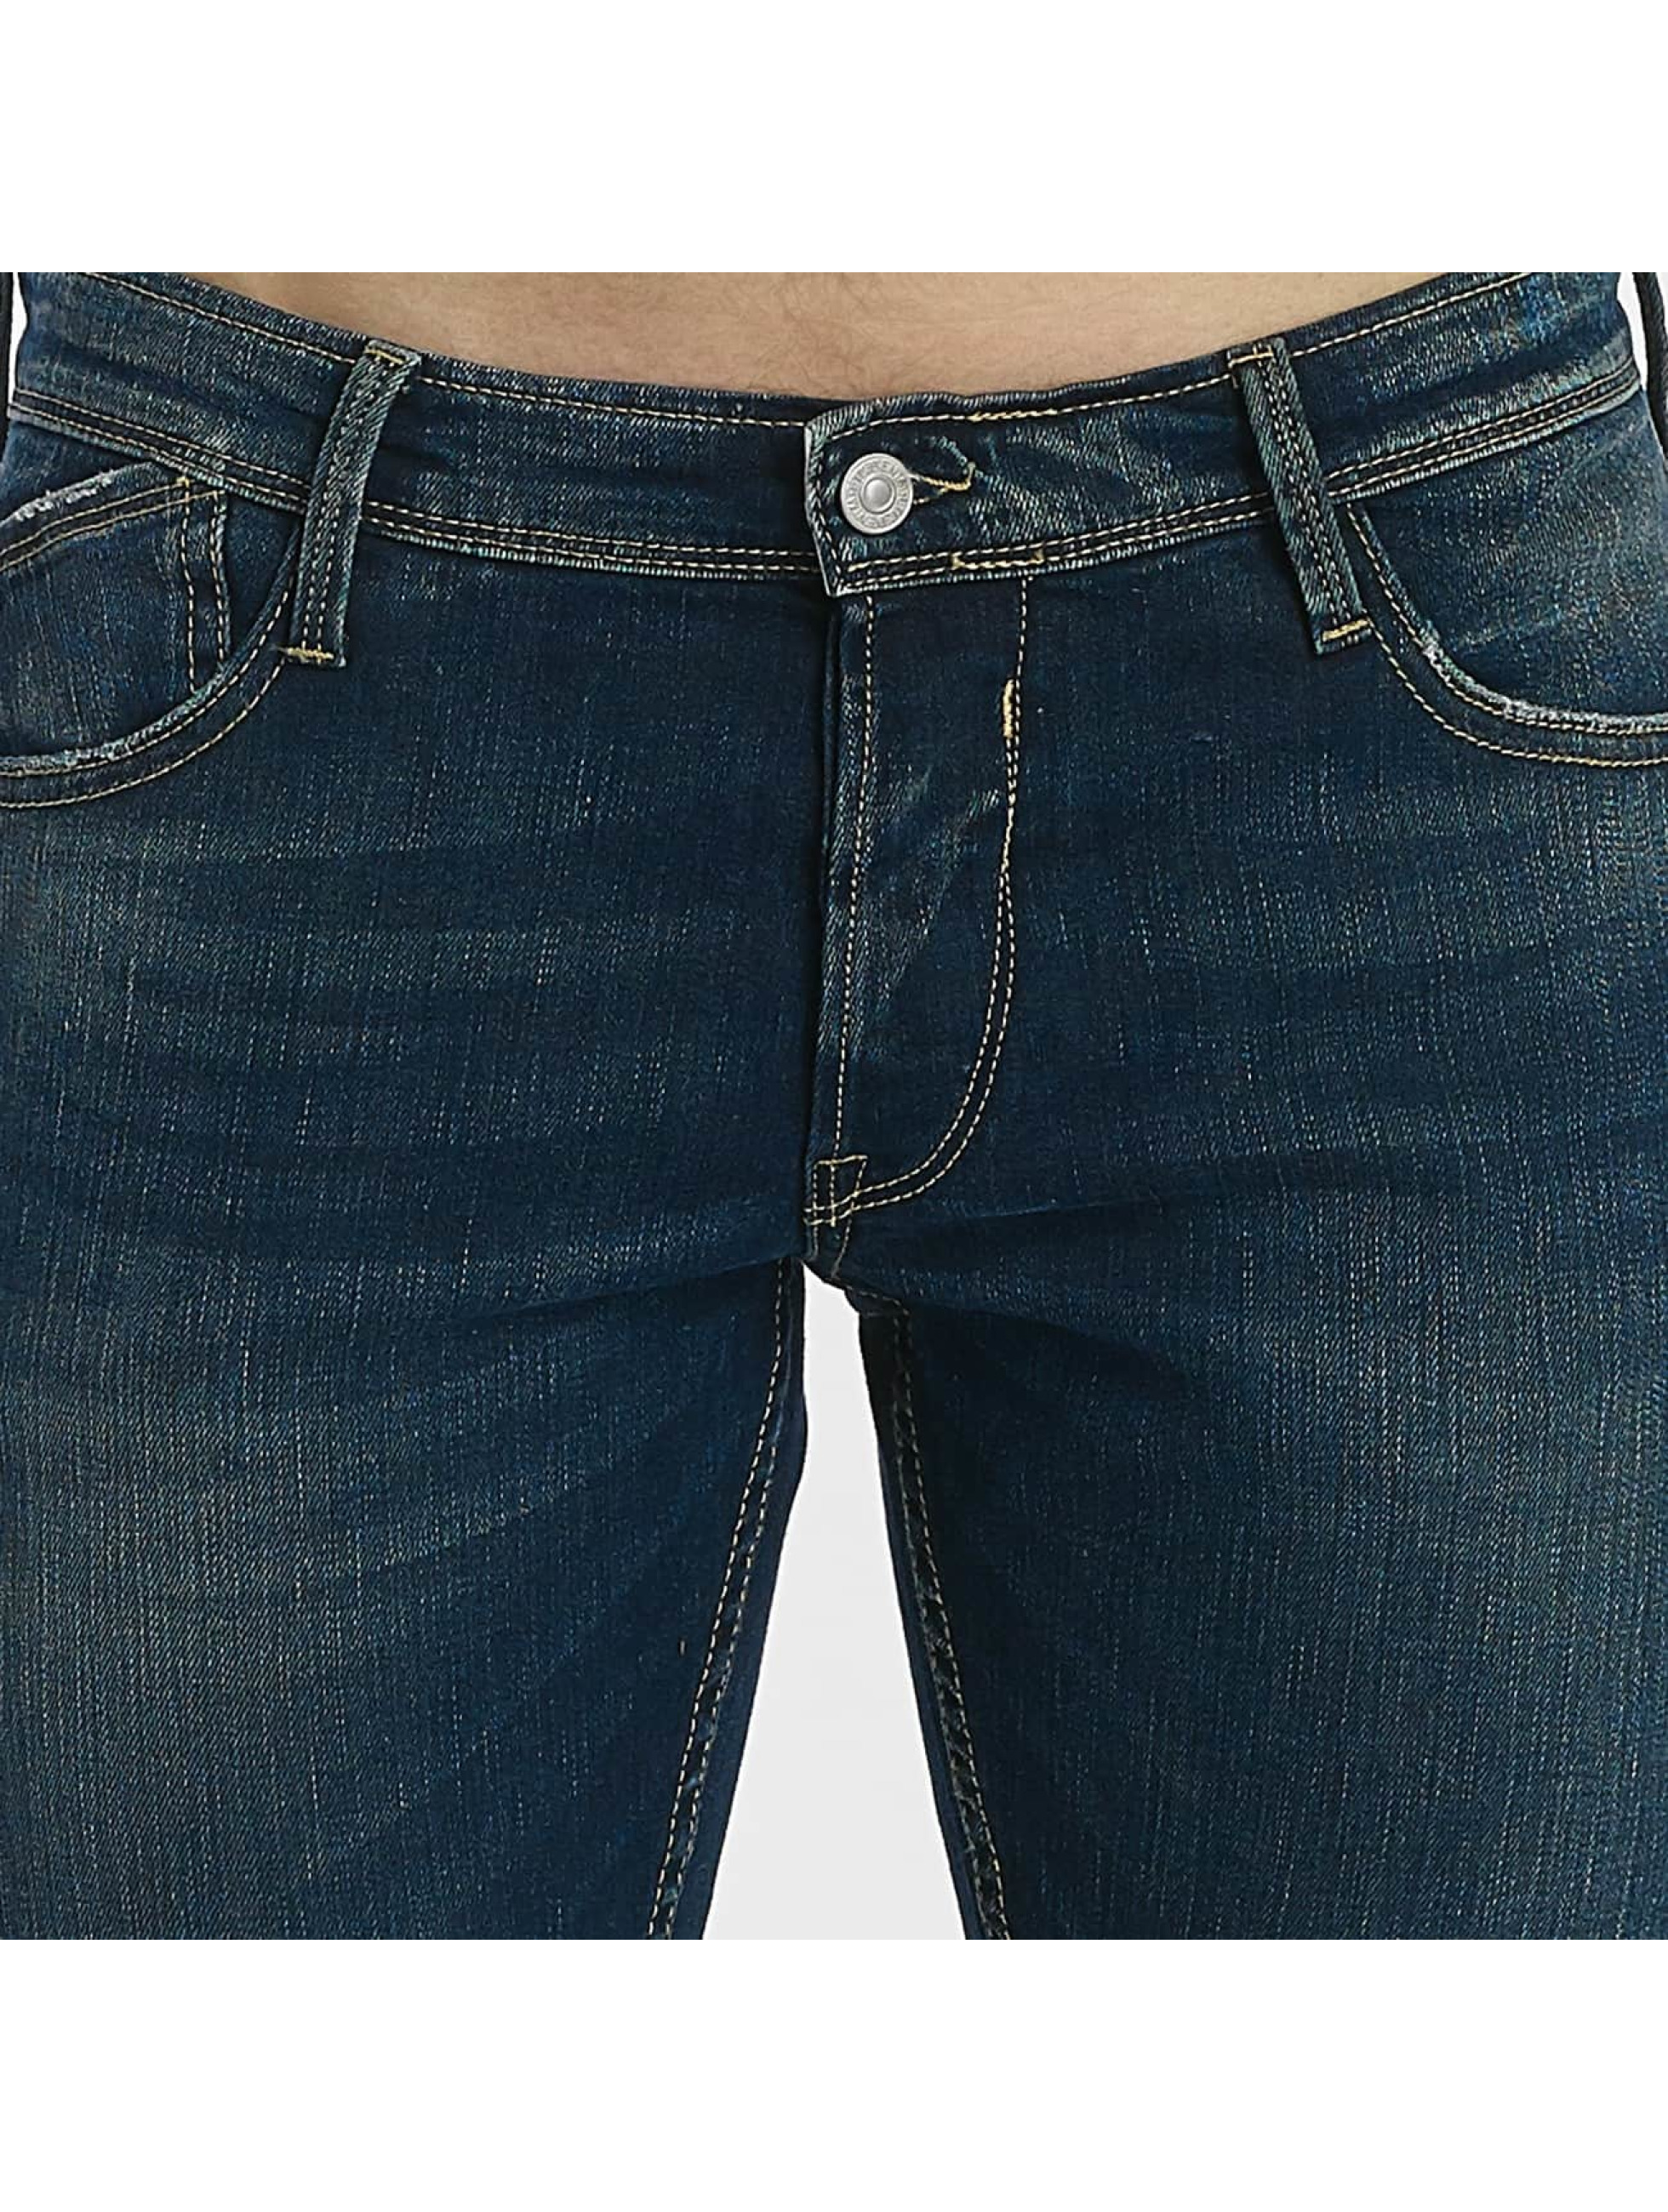 Le Temps Des Cerises Slim Fit Jeans 700/11 Basic blue